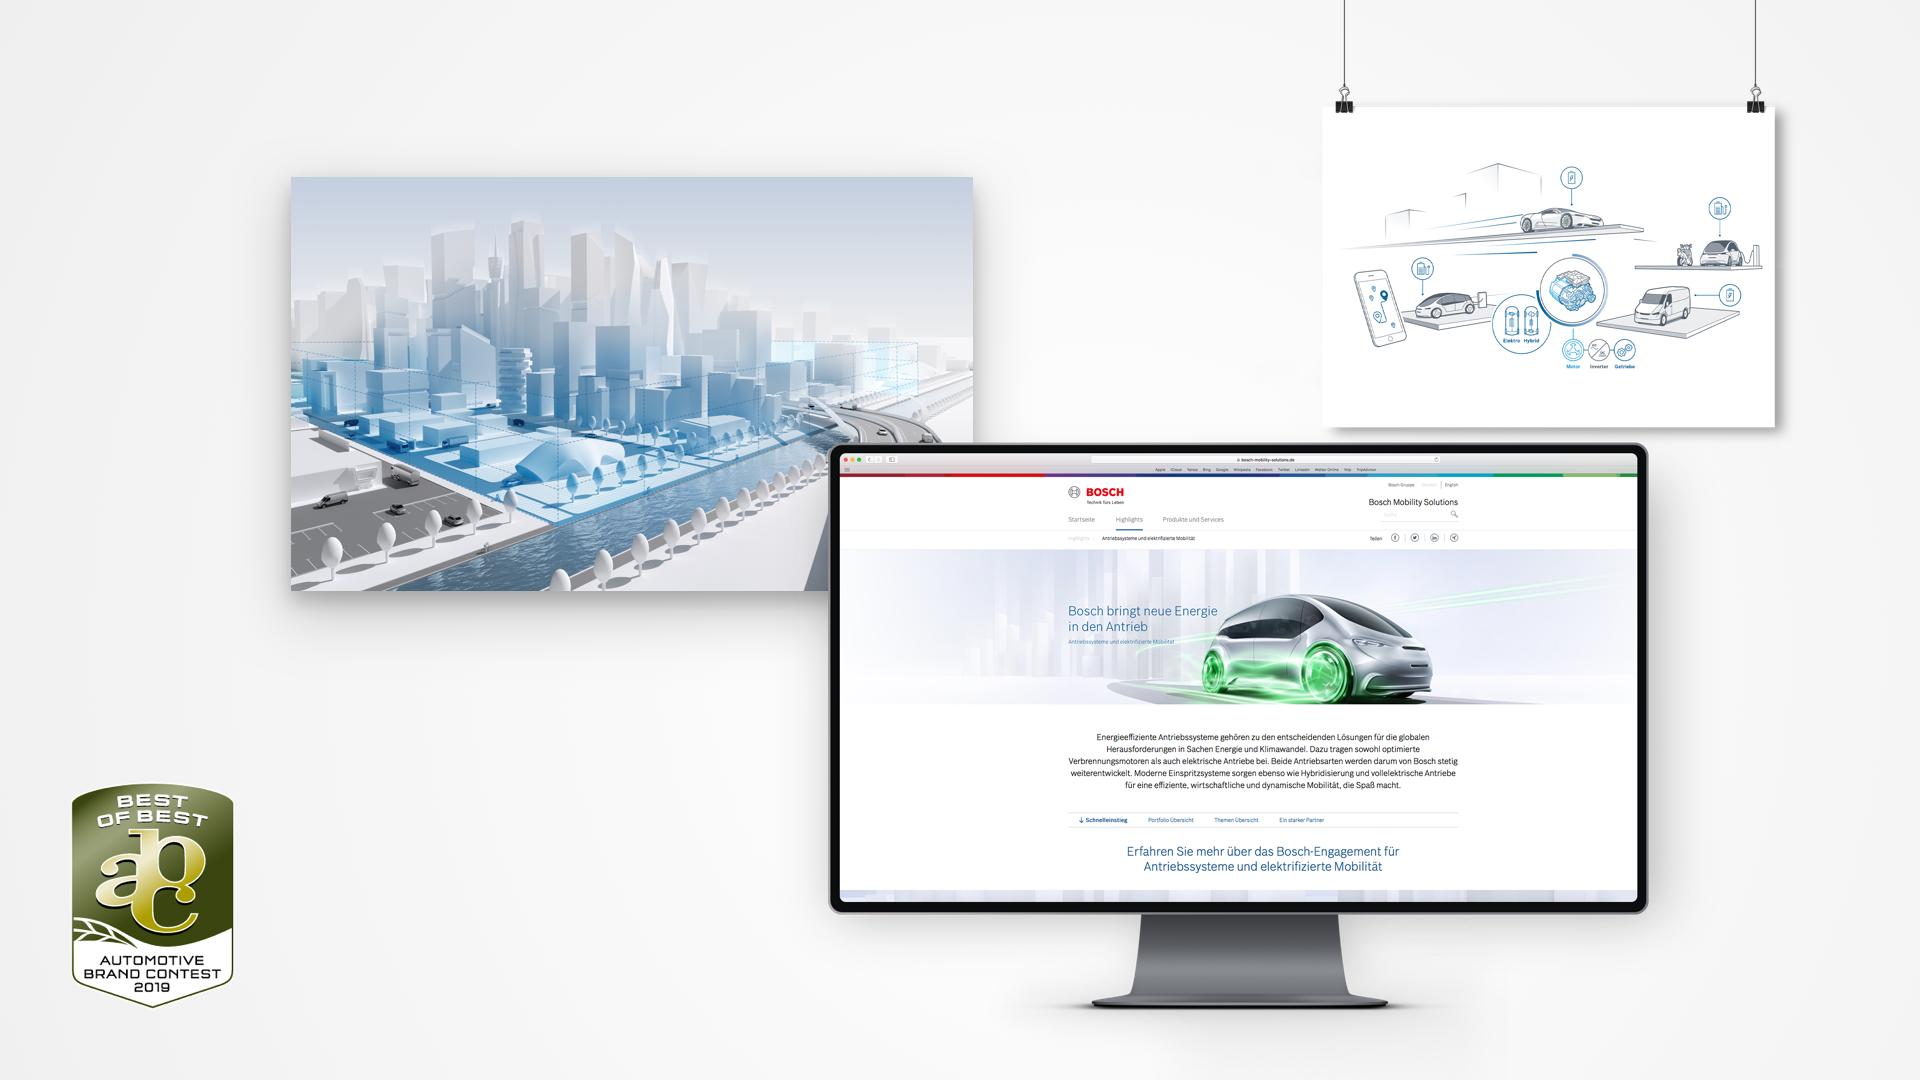 """""""Best of Best"""" beim Automotive Brand Contest"""